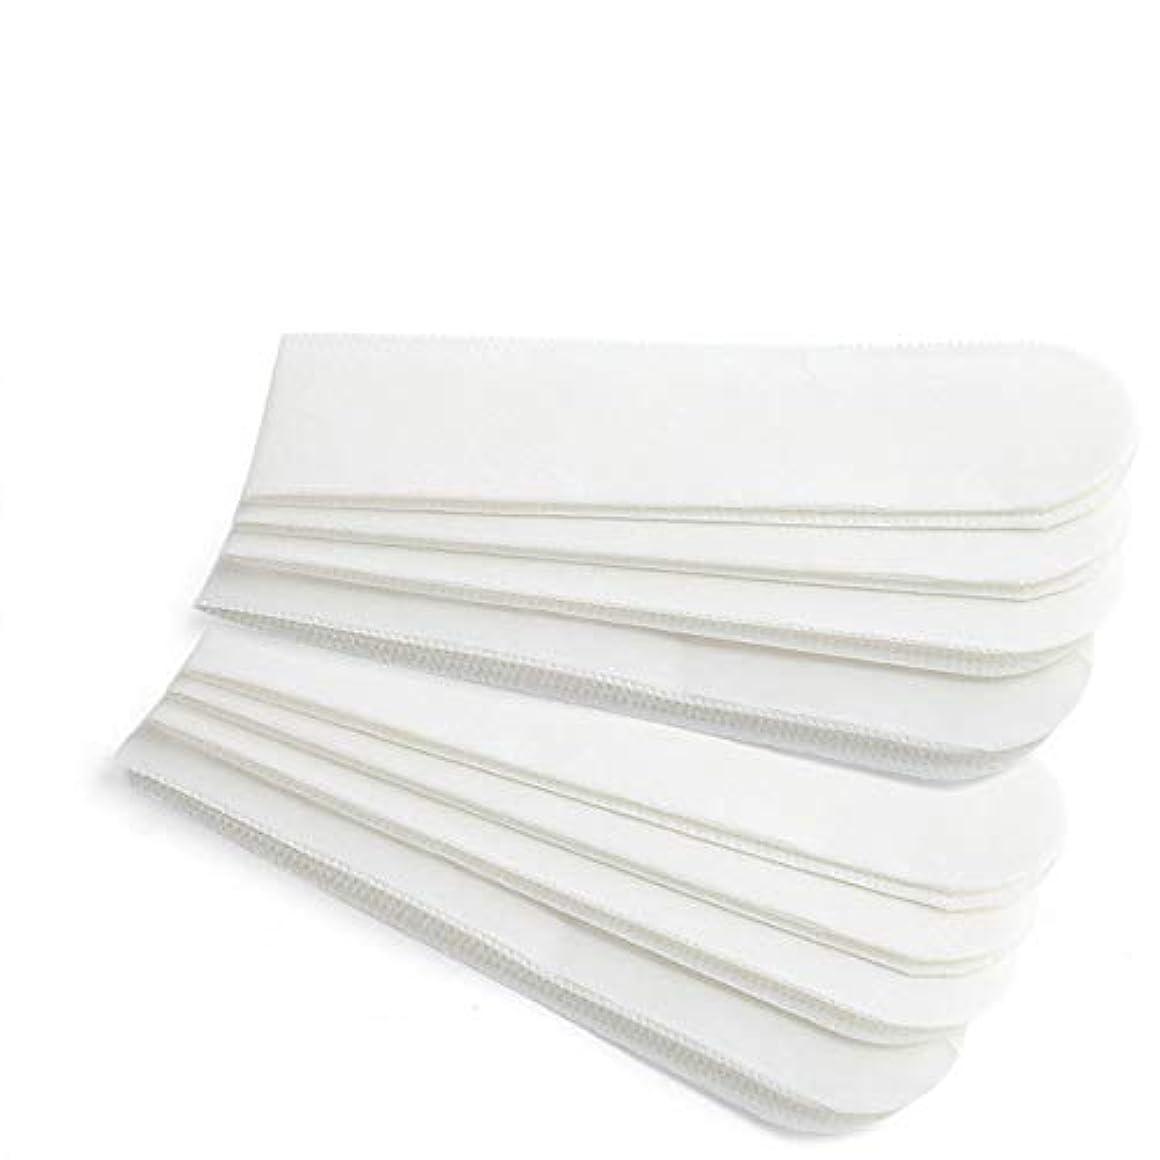 健康配管東HUANBO 襟汗 パッド 染みない バレない 気にならない 簡単 えり汗 対策 テープ型 12枚入り